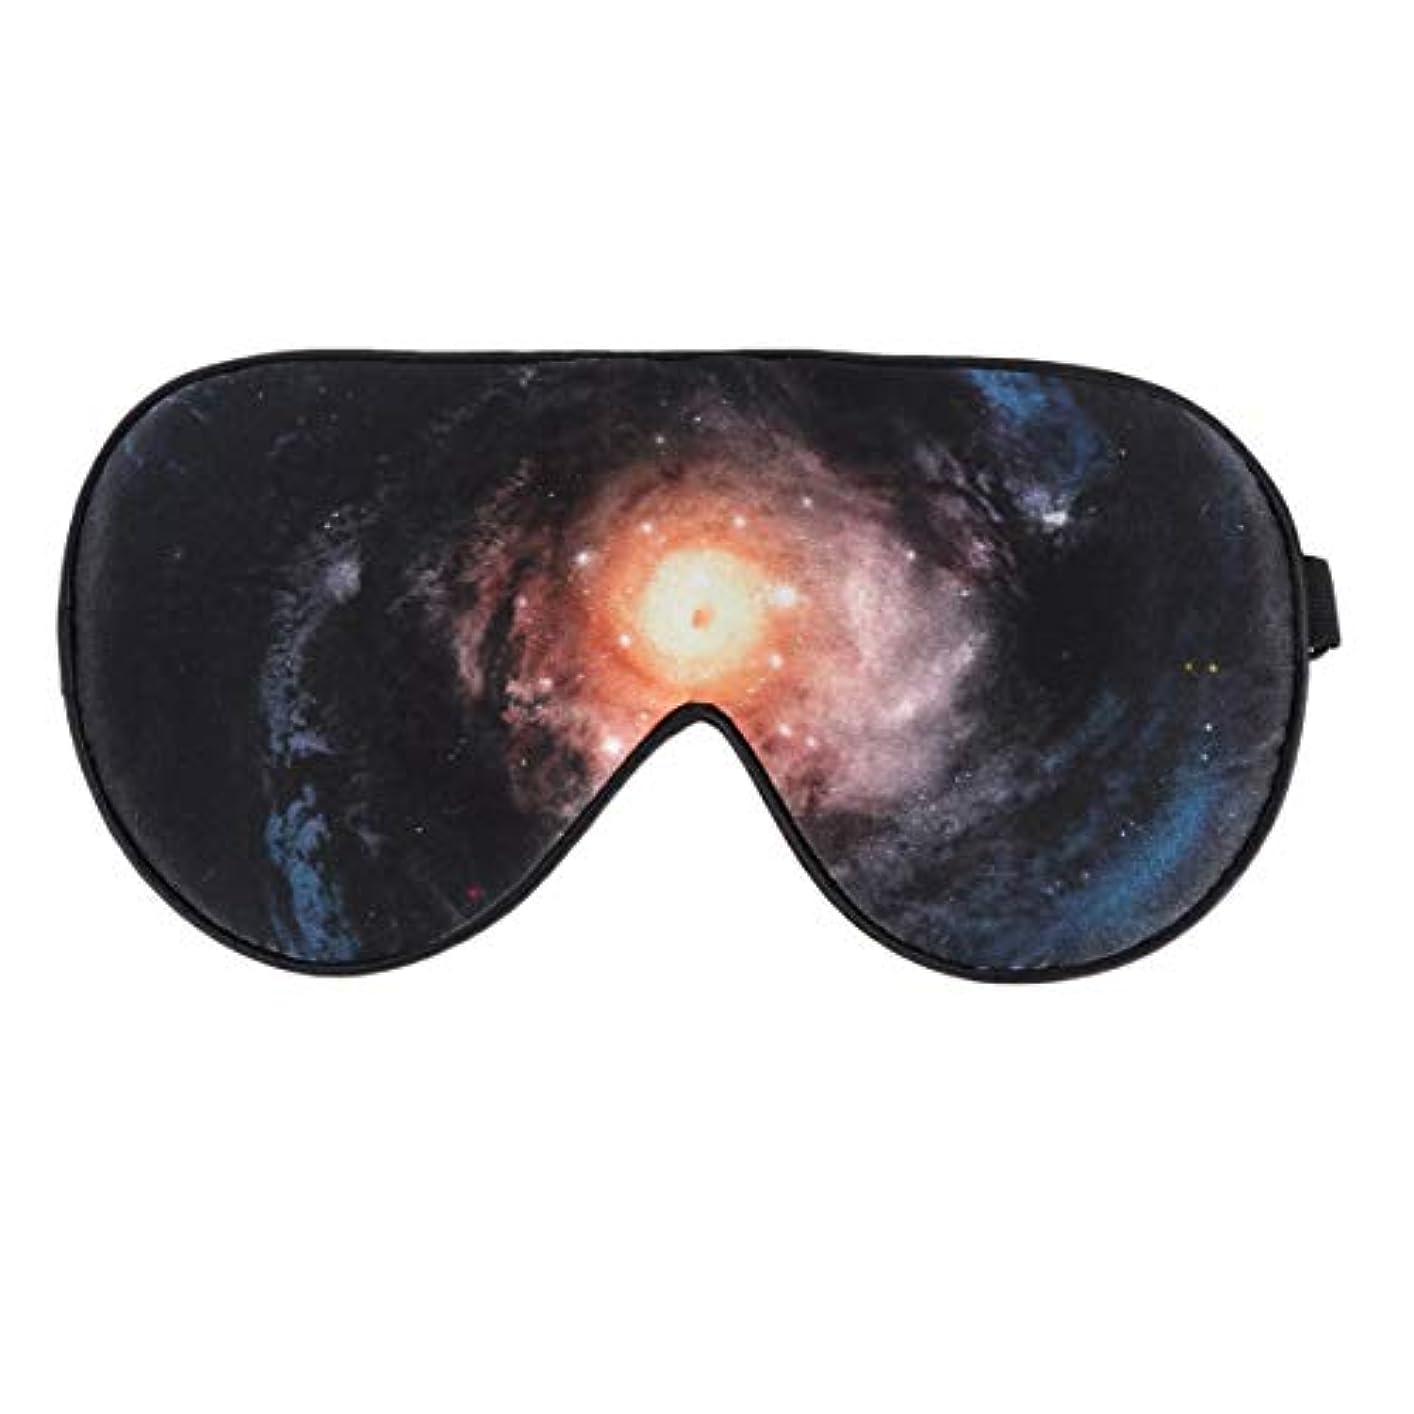 ここに車両パンSUPVOX 睡眠マスクシルクアイマスクソフト弾性ストラップ星空パターン睡眠睡眠昼寝旅行用ポータブル